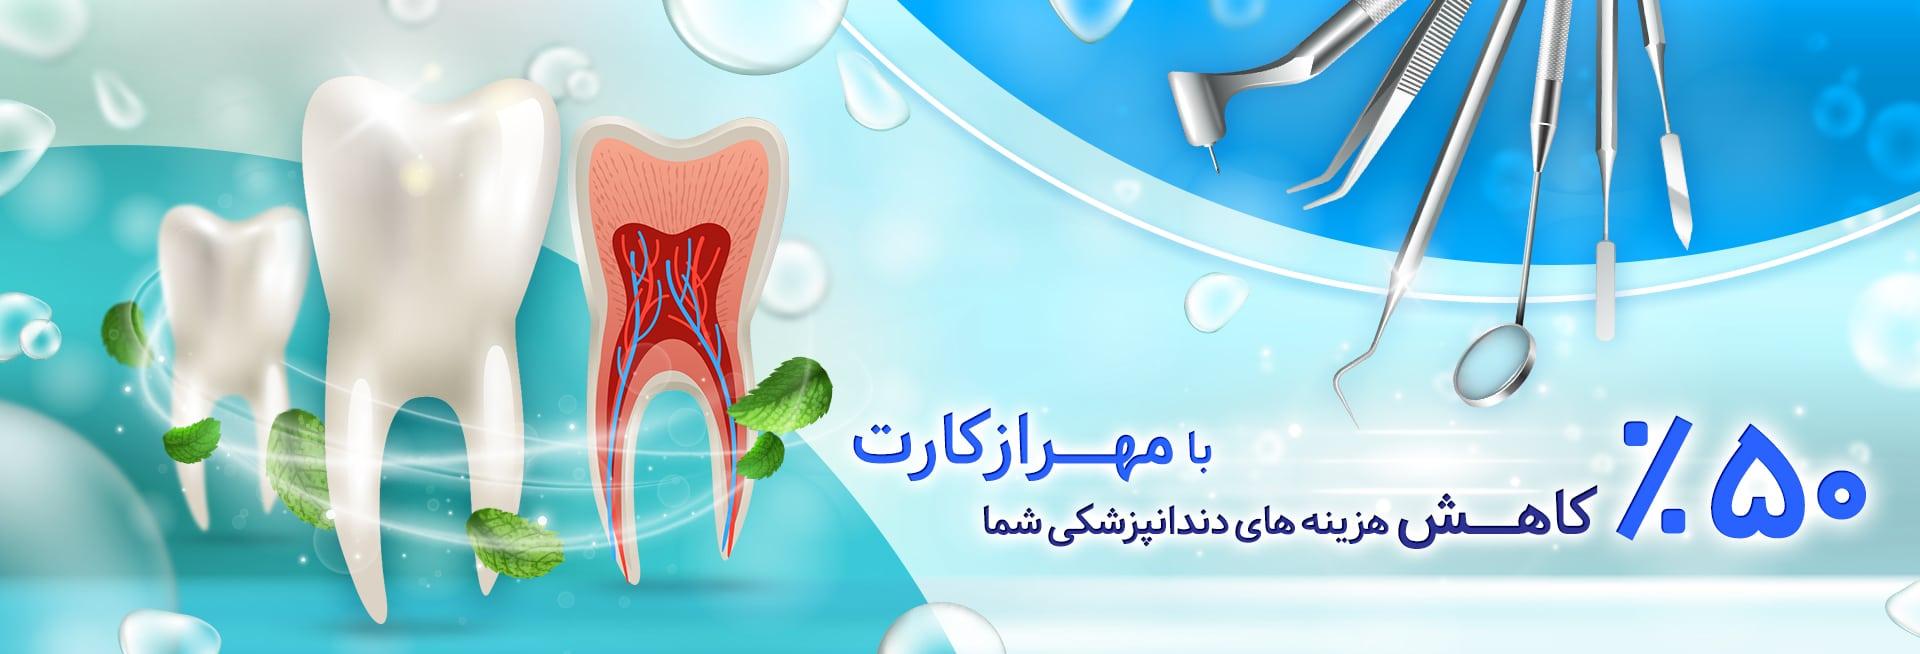 کارت تخفیف دندانپزشکی - بیمه دندانپزشکی